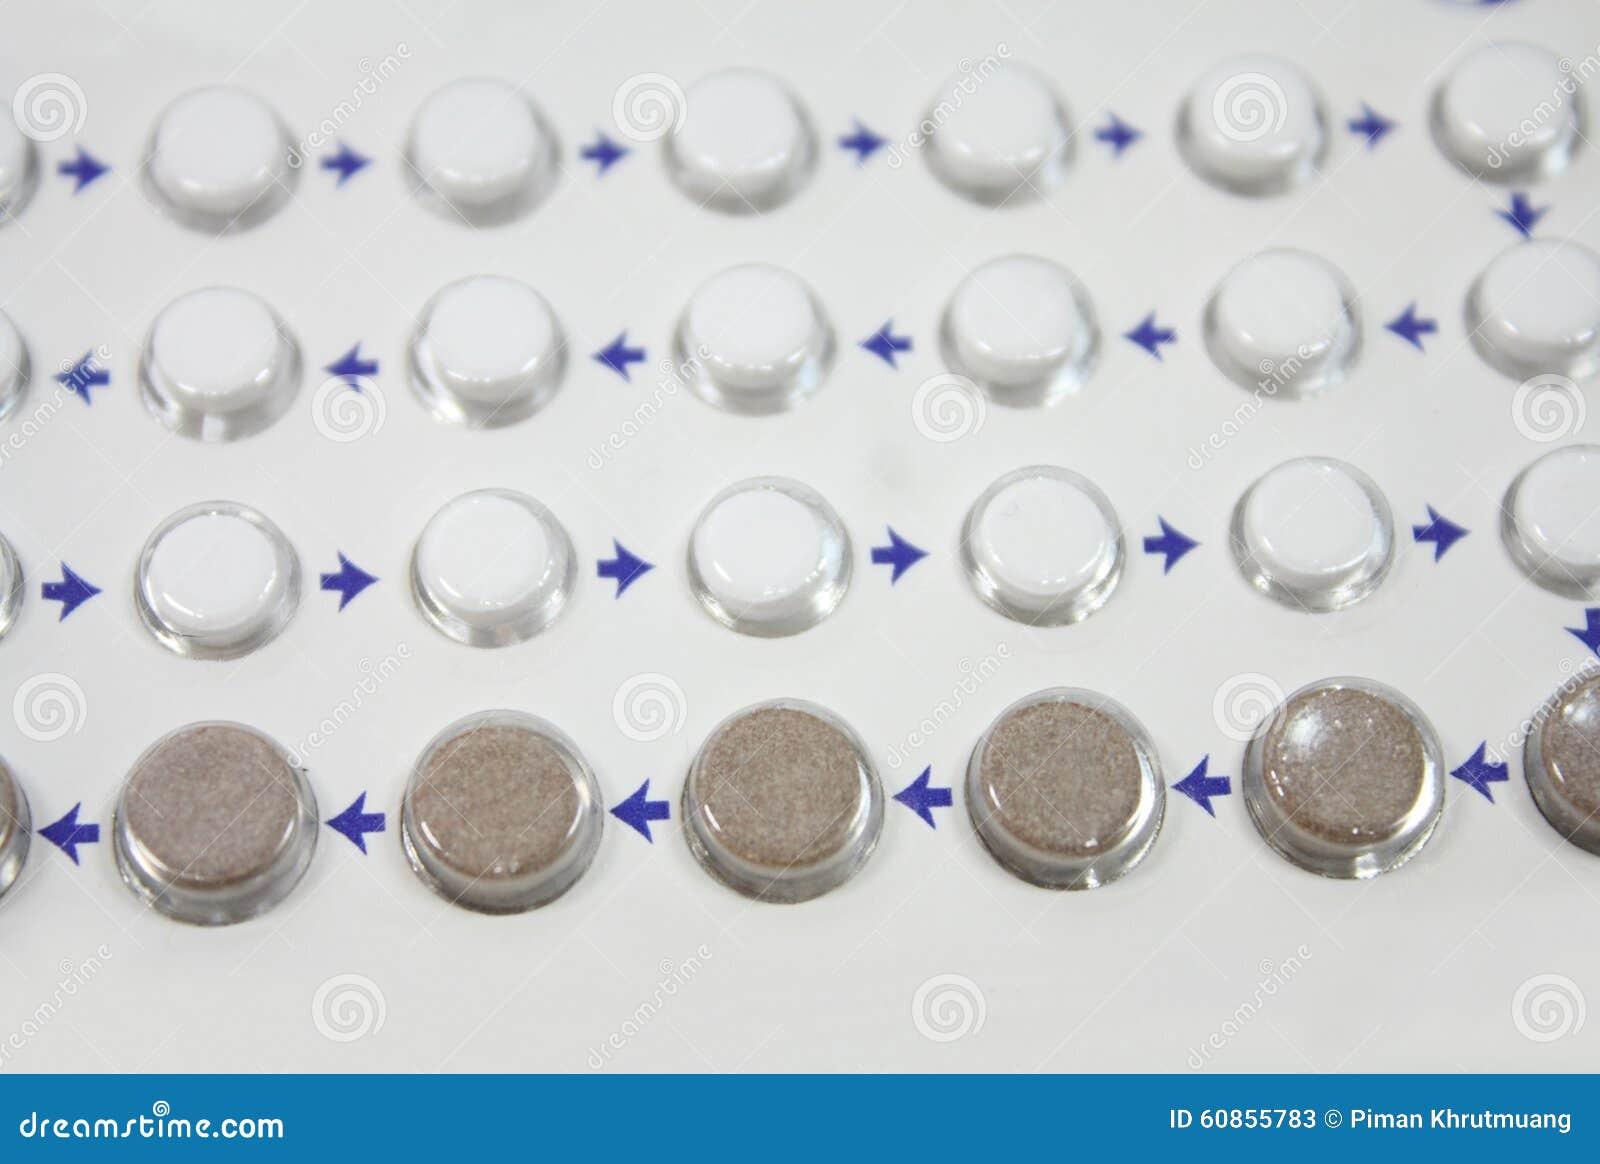 Amenorrea anticonceptiva oral